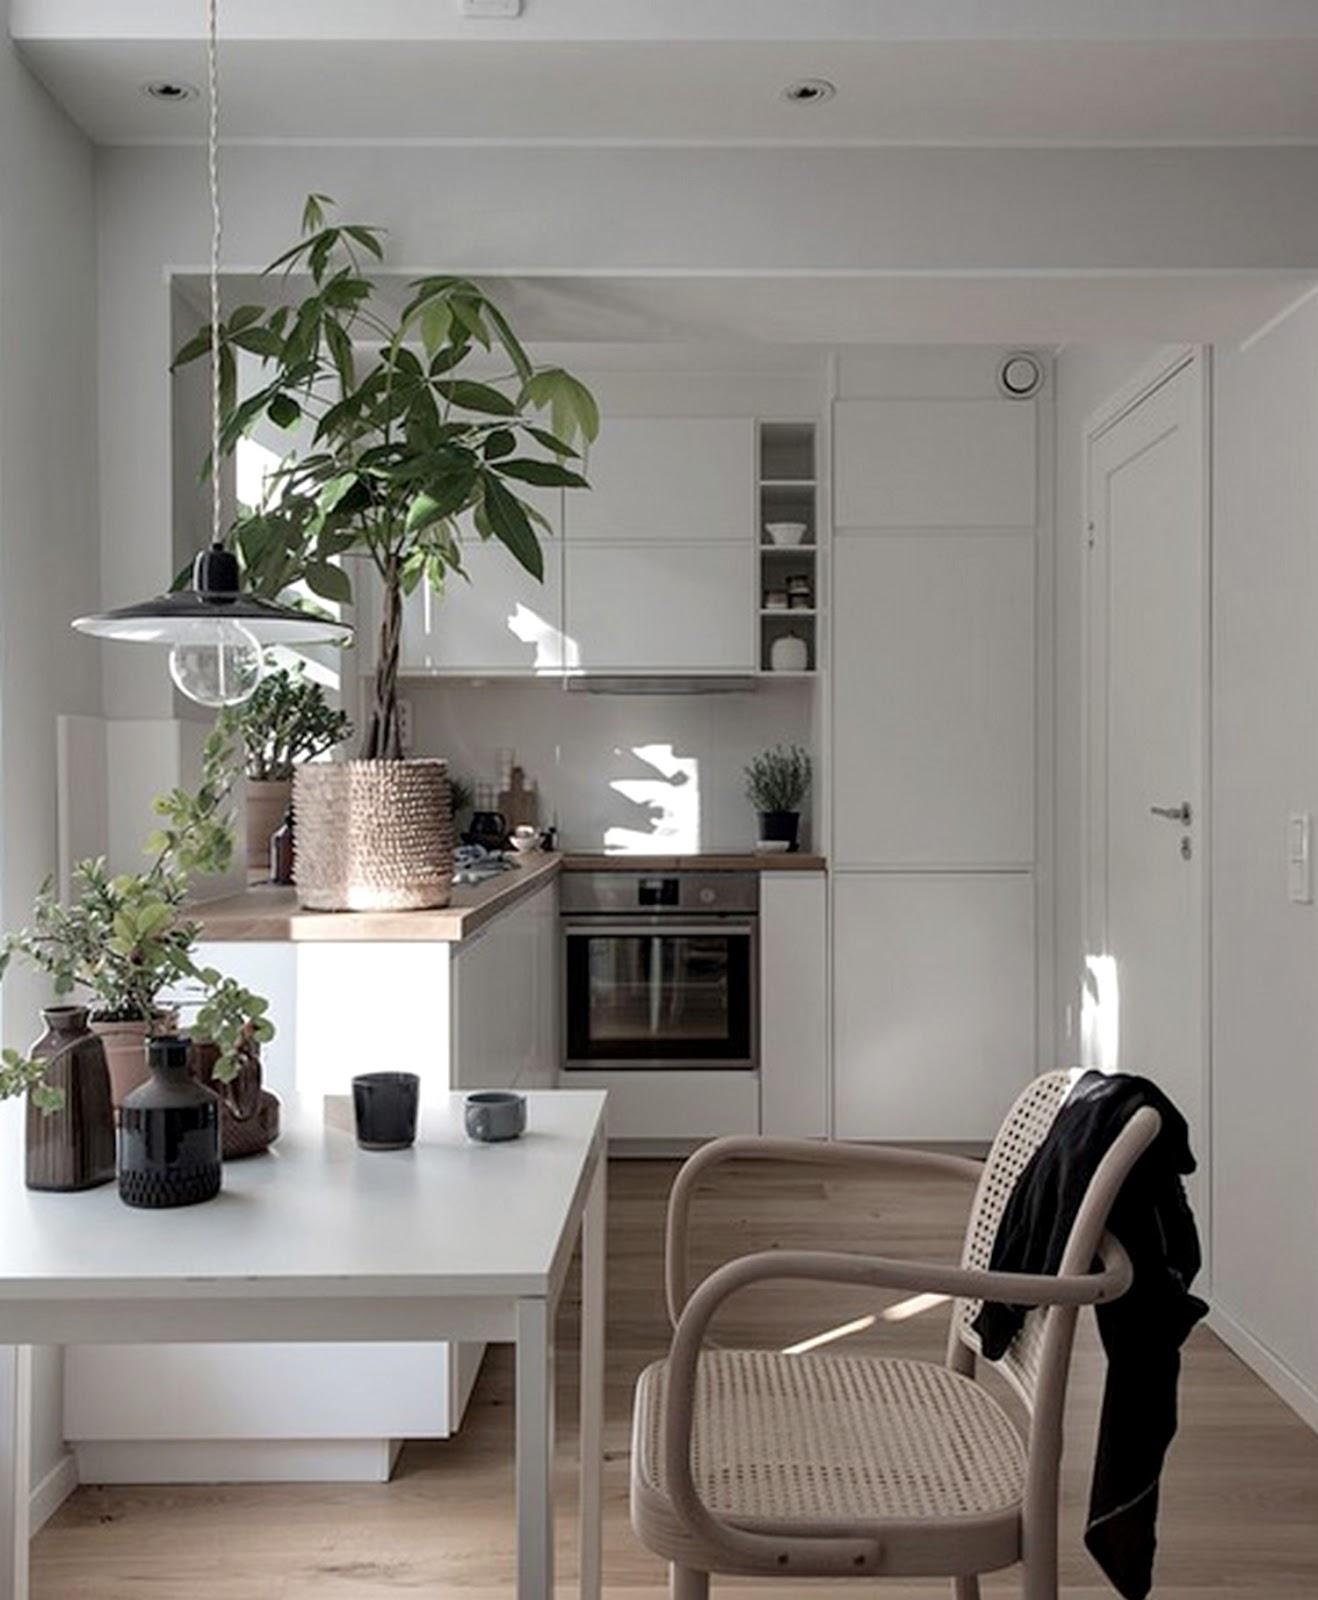 Prendre le pouvoir de son interieur par la couleur ina l set designer - Gorgeous housessquare meters ...